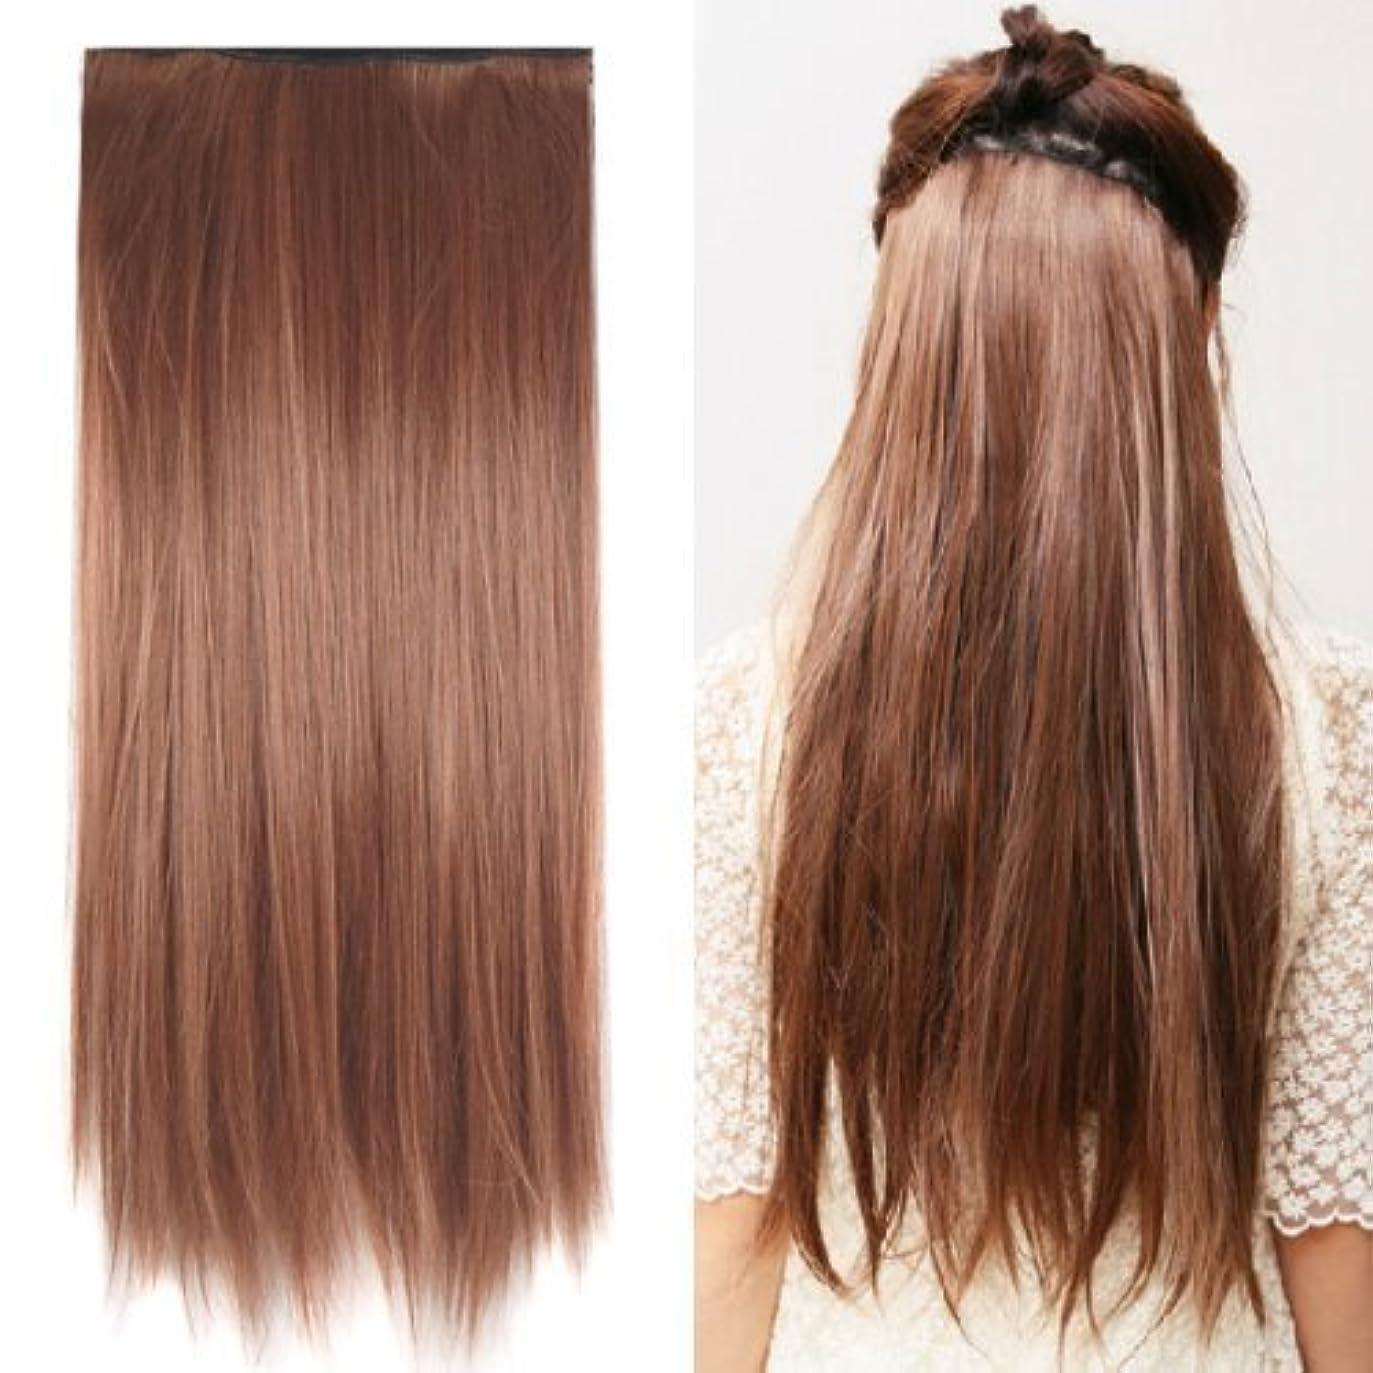 過ち決定的透けるSODIAL(R) Clip in on hair Straight Tail extensions New human heat resistant fibe - Blonde